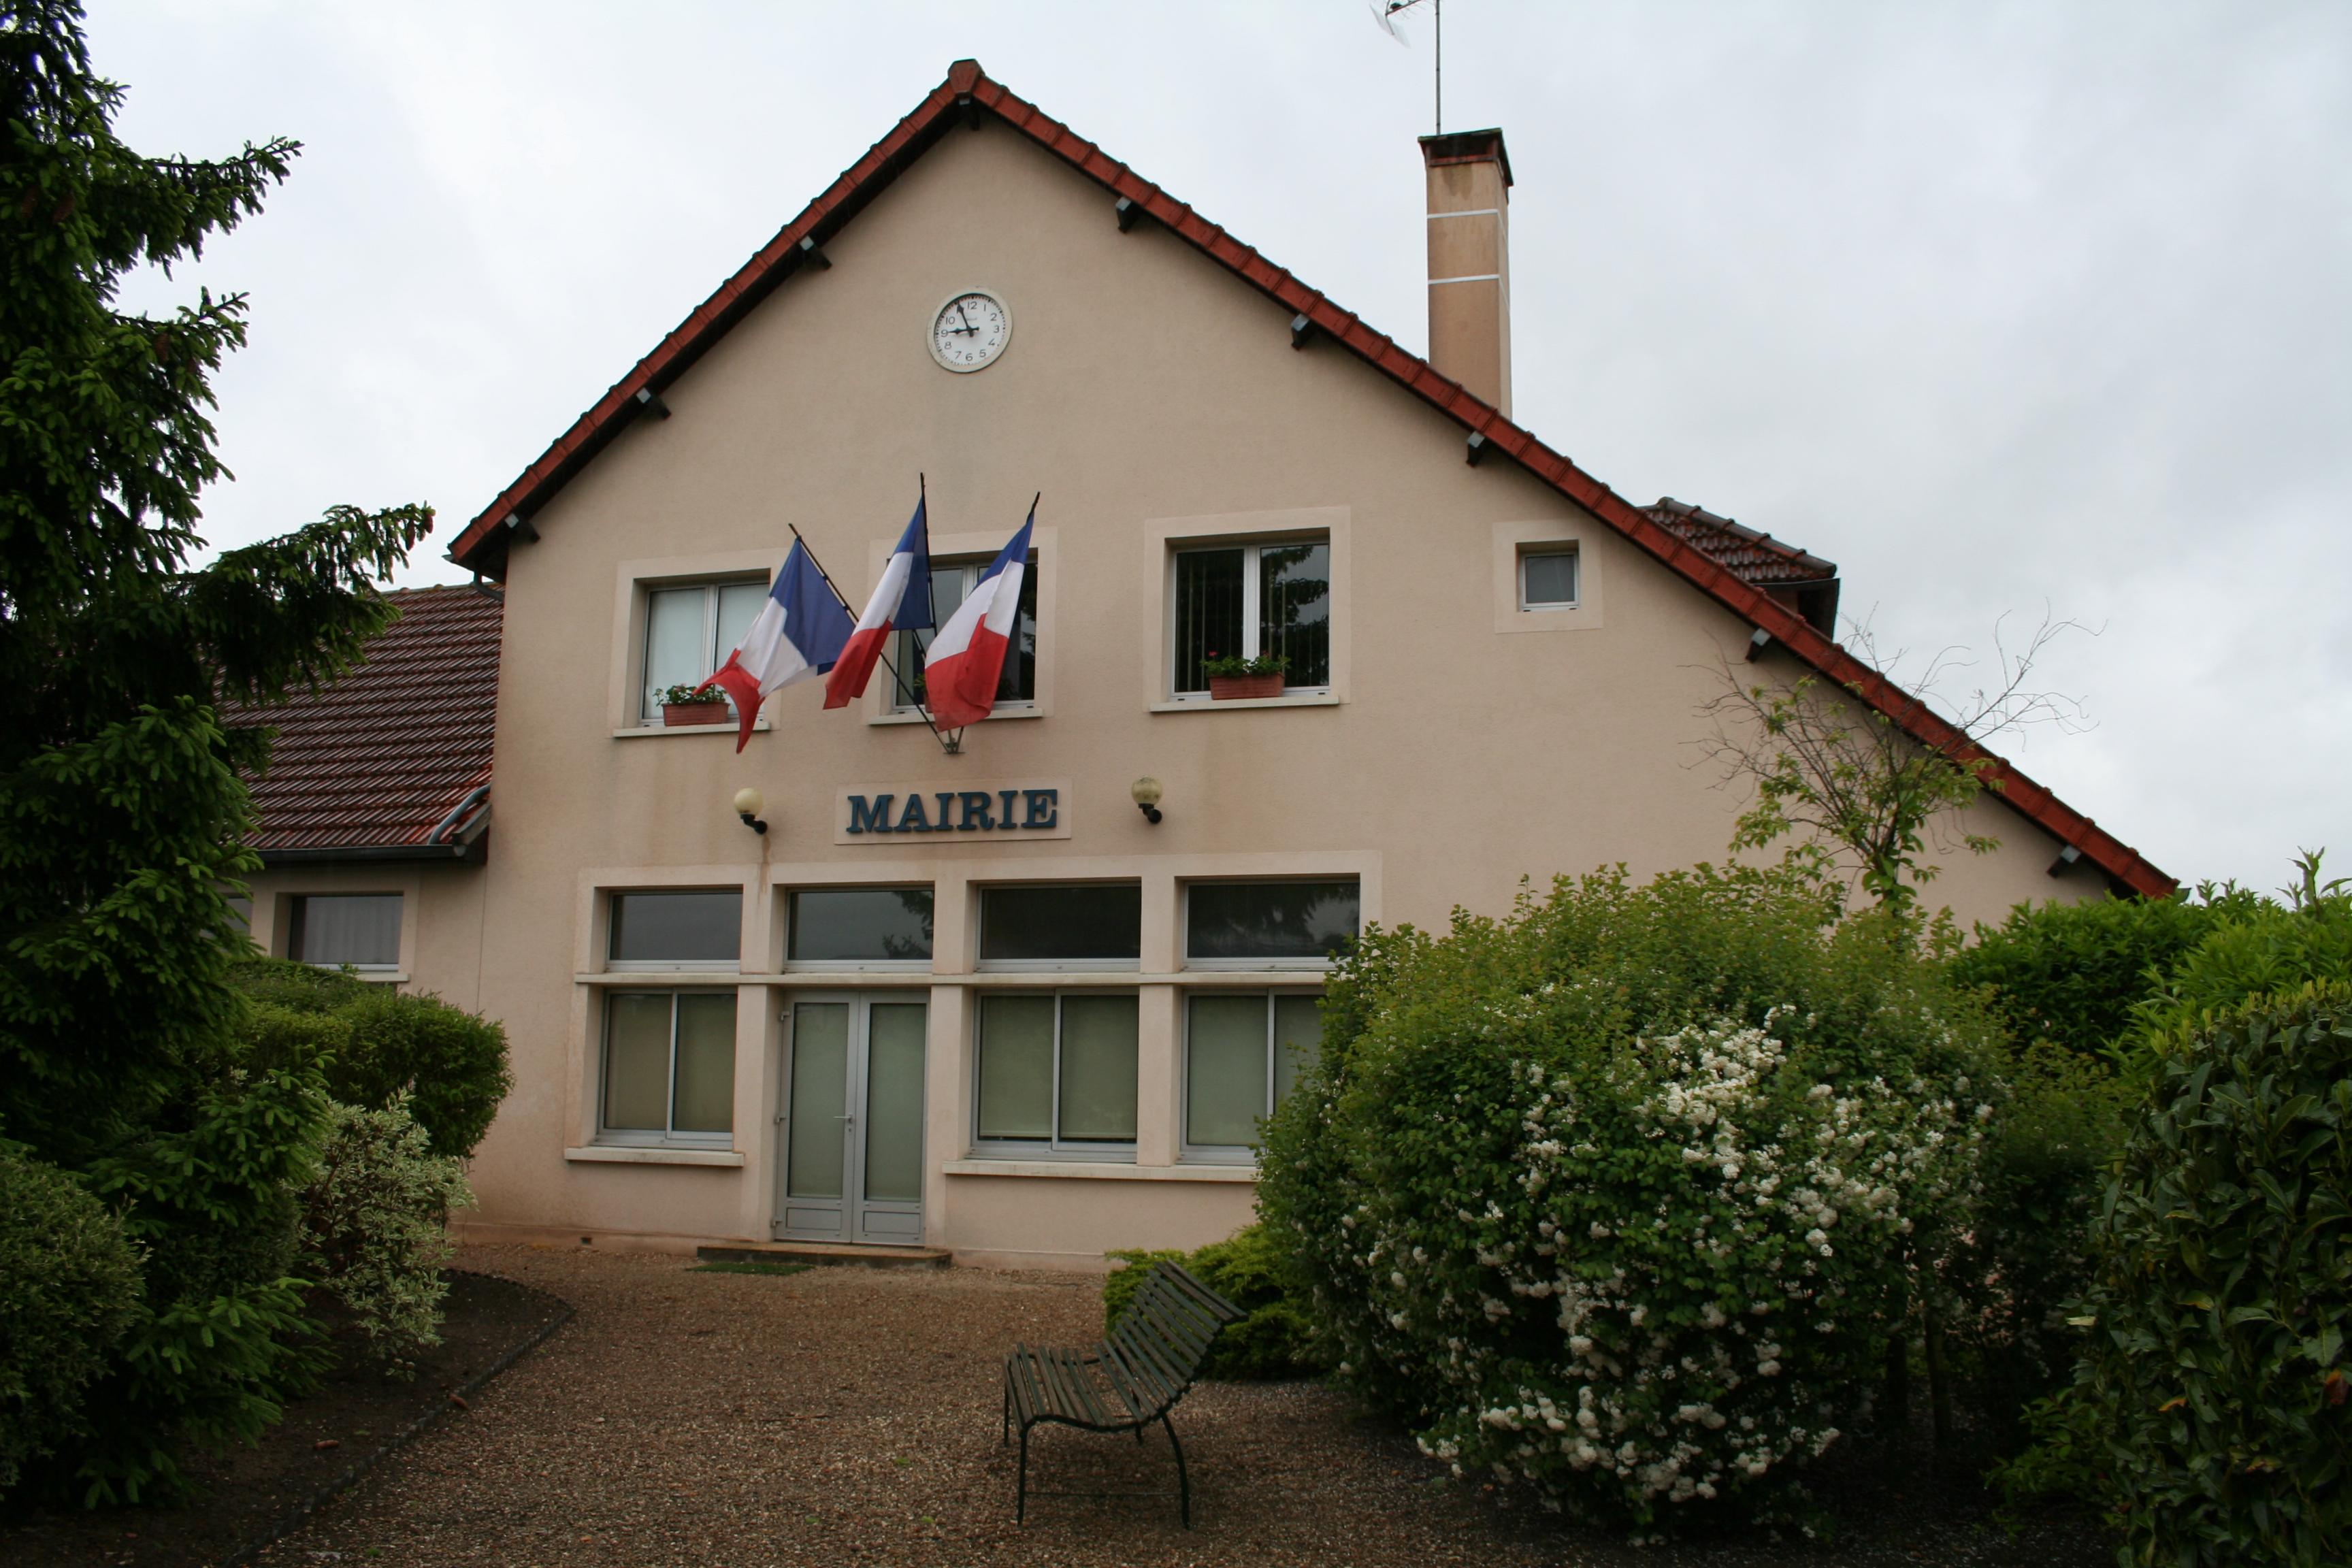 Vayres sur Essonne Parc naturel régional du G¢tinais fran§ais